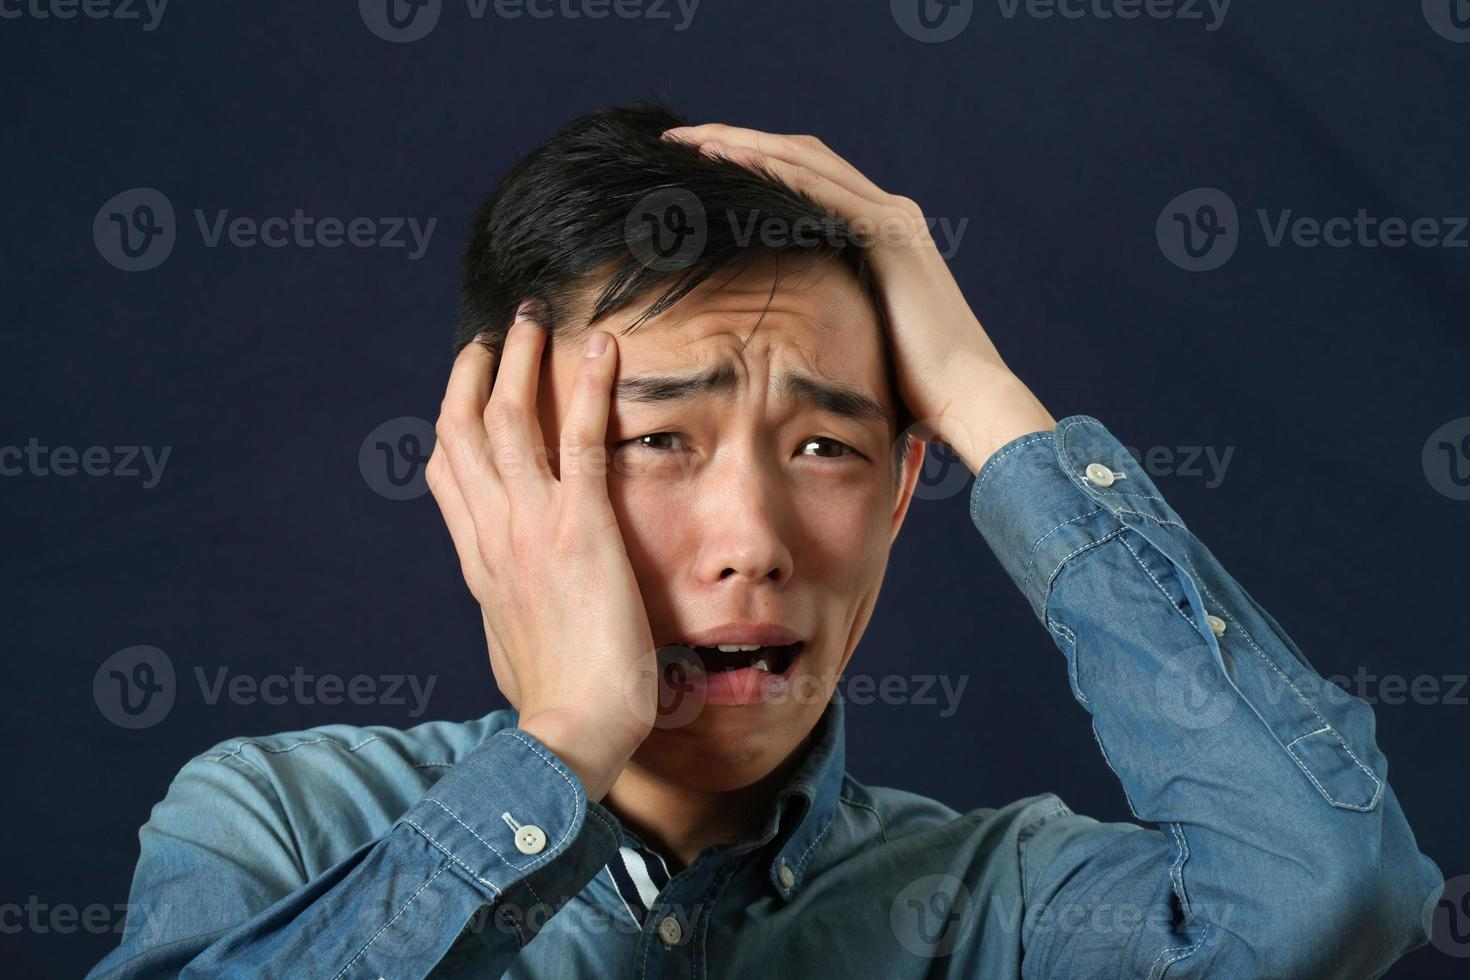 desapontado jovem asiático chorando e olhando de soslaio foto